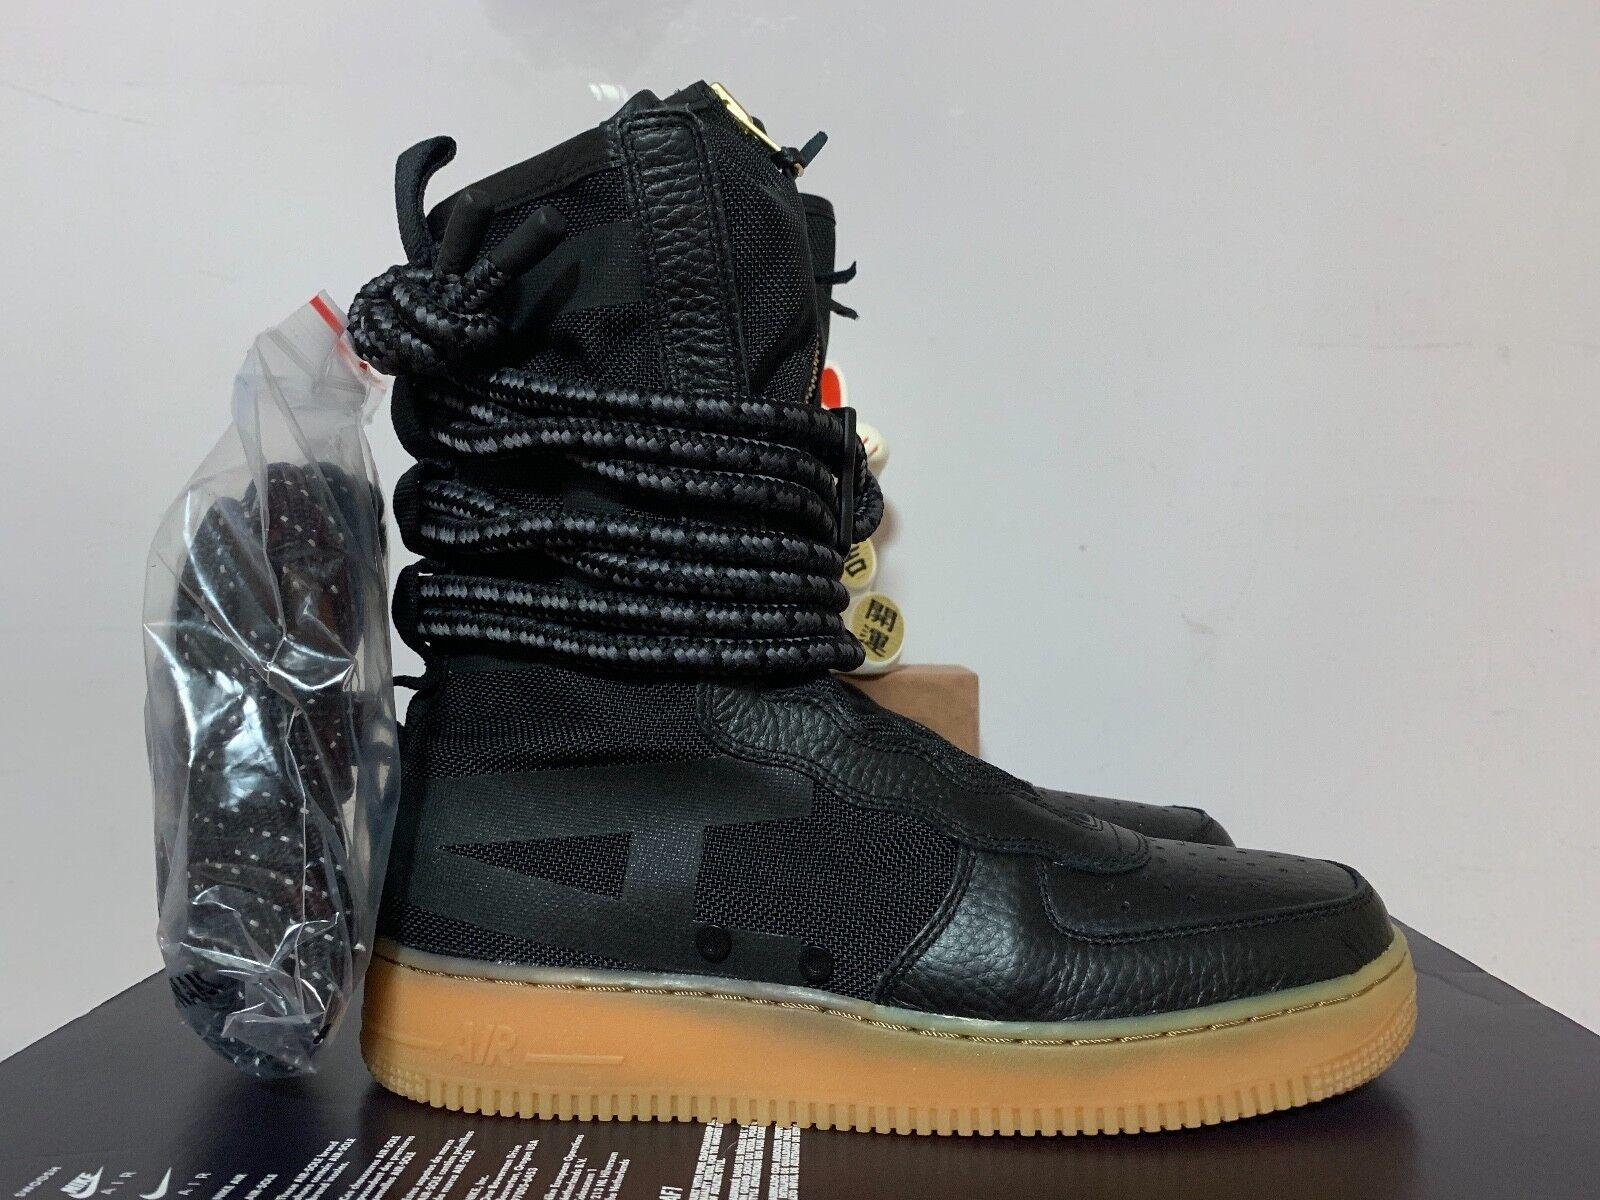 Nike SF AF1 Hi Special Field Air Force Black Gum Brown New 9.5 [AA1128-001]